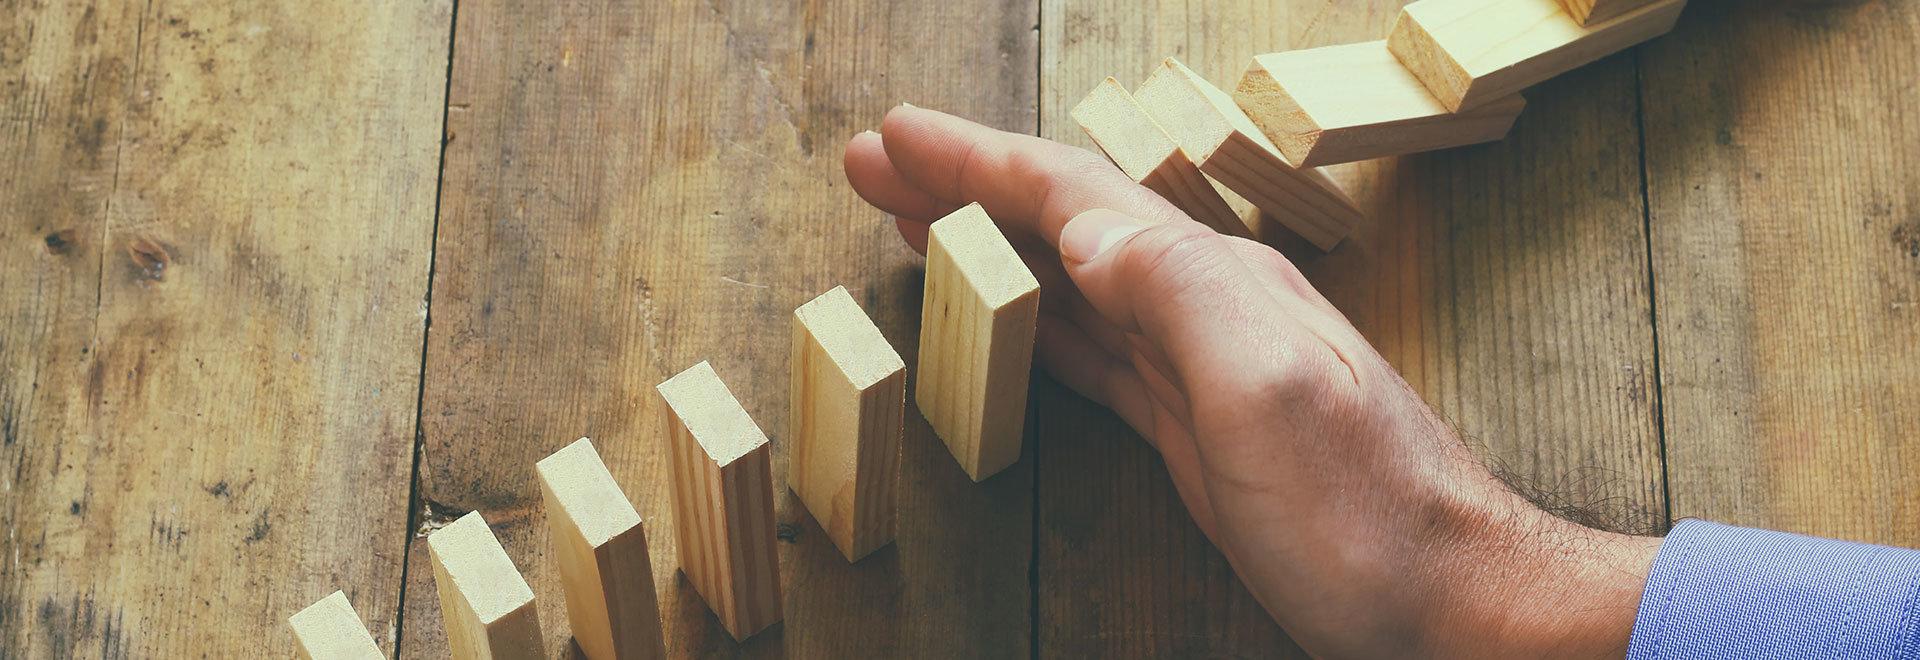 Vezetői coaching - dominók ledöntése